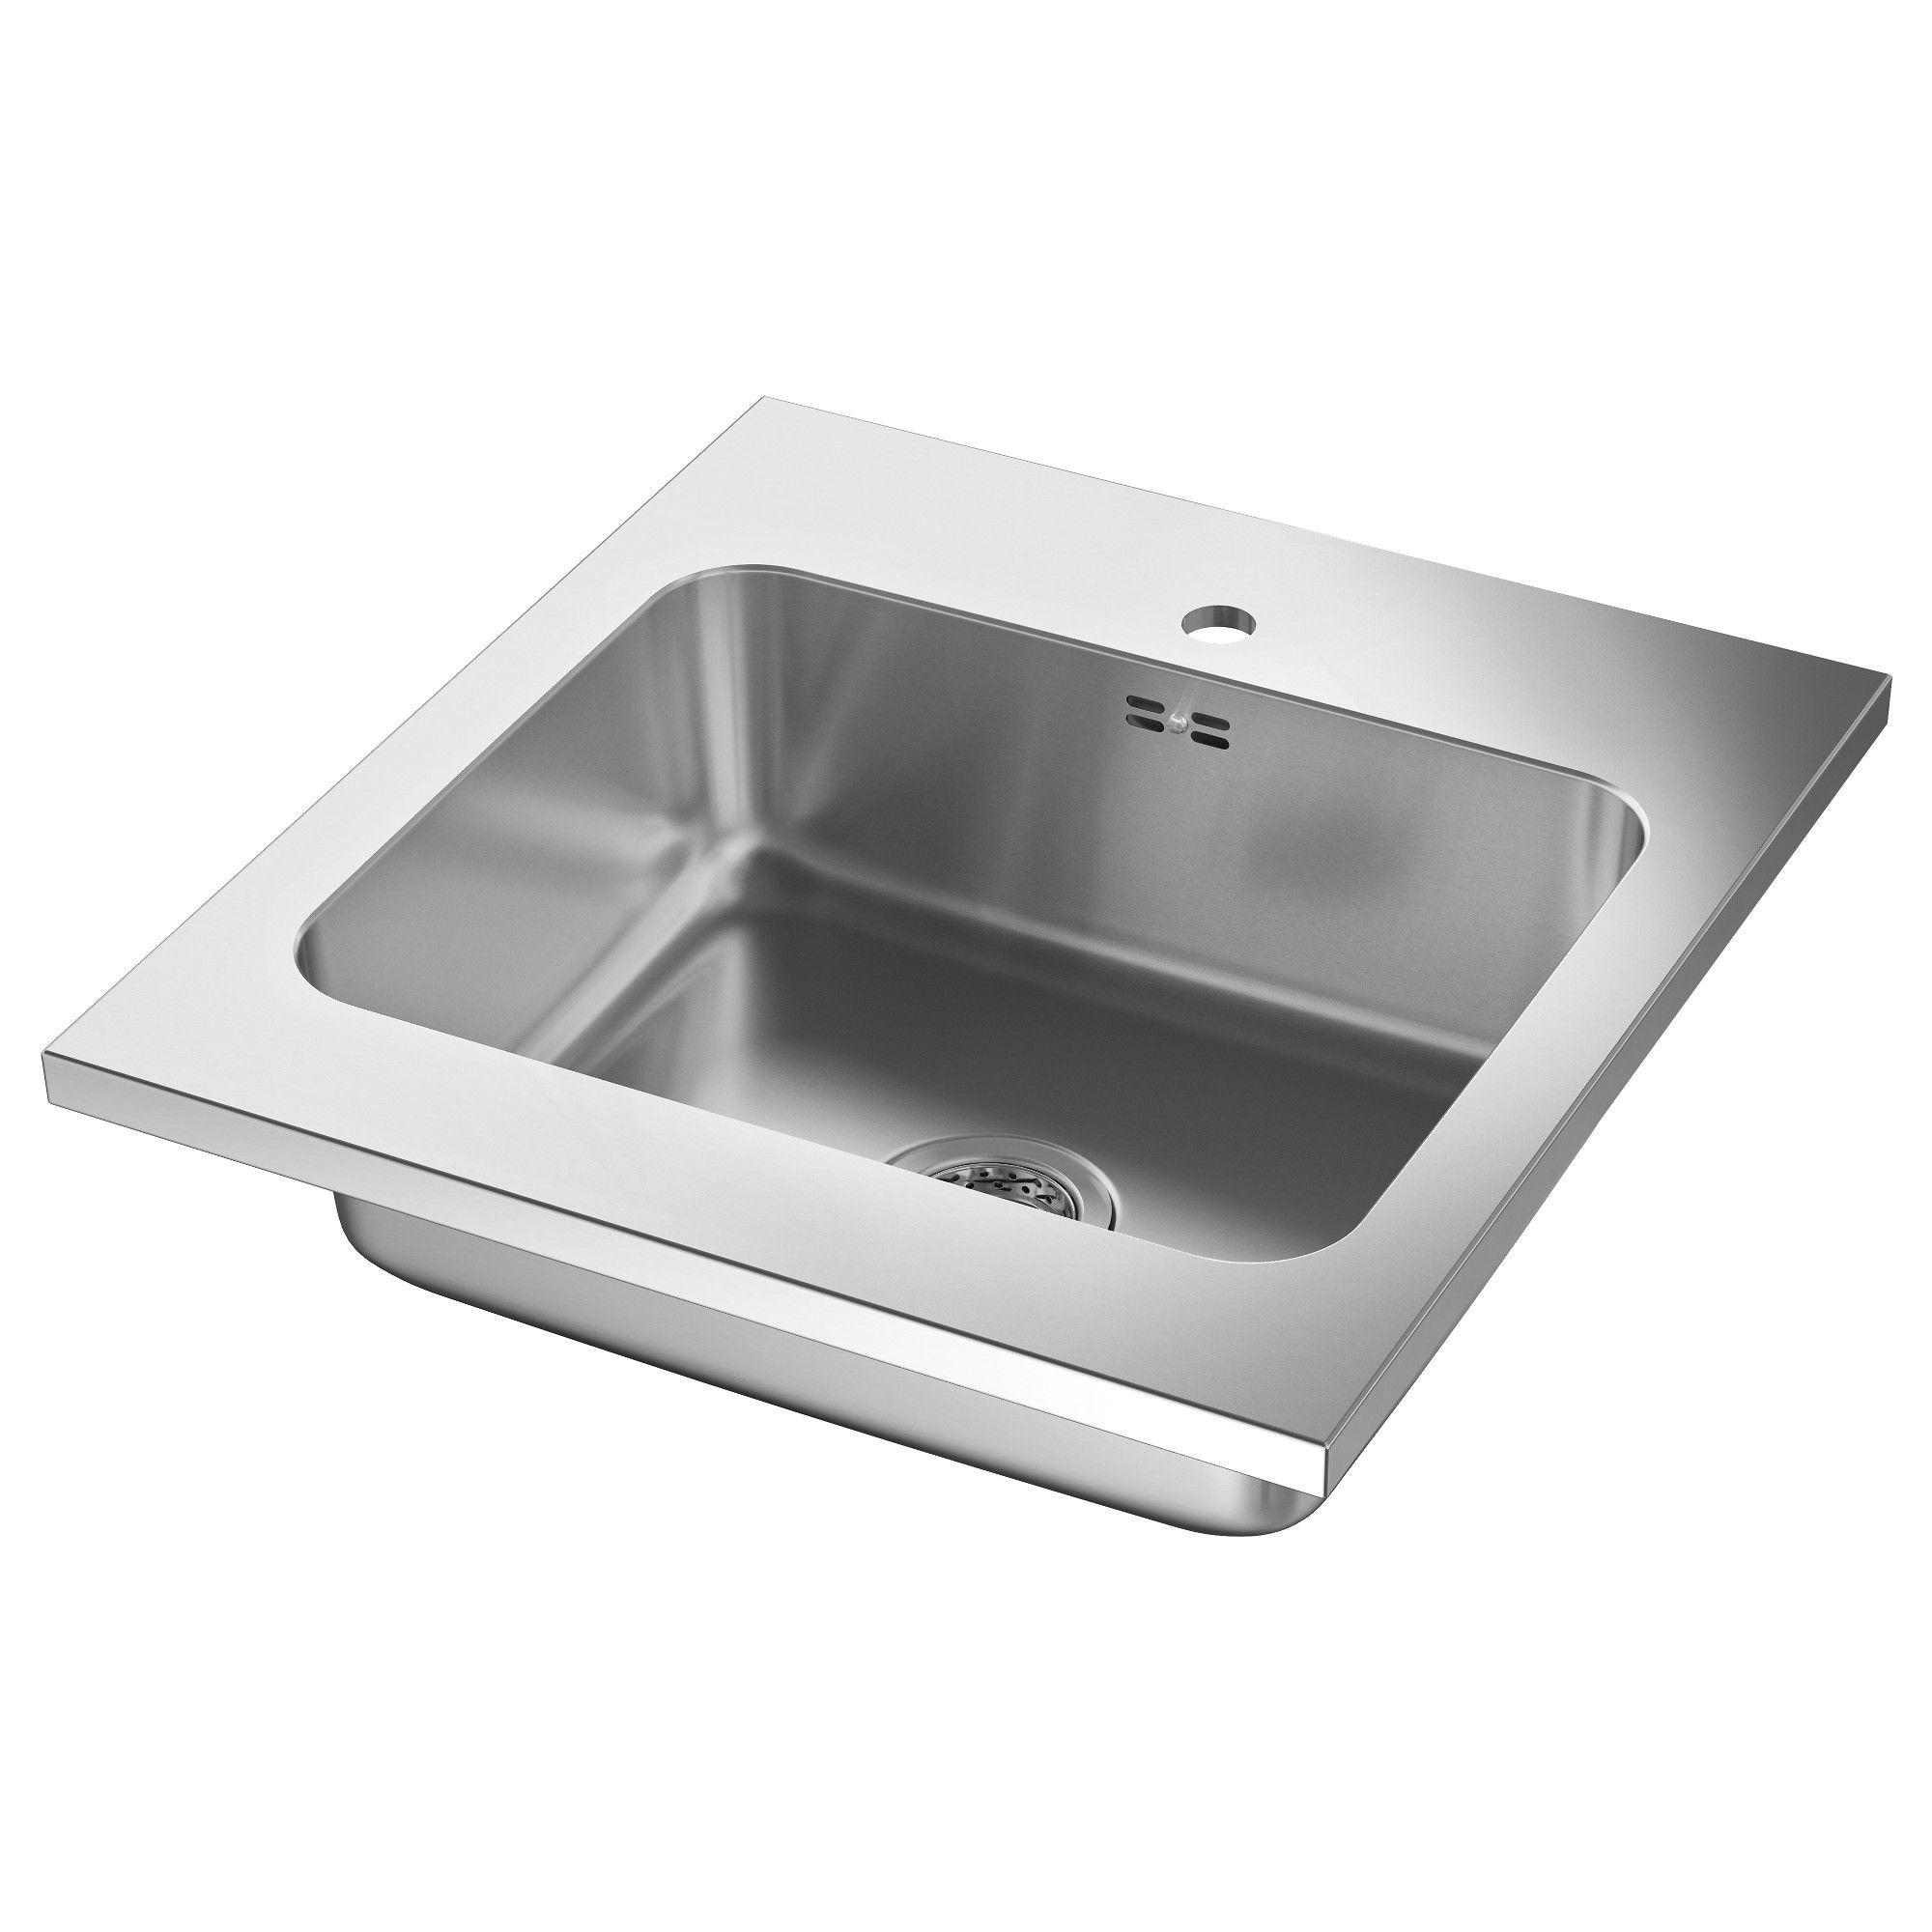 AMMERÅN Sinks, IKEA in 2020 Sink, Kitchen sink taps